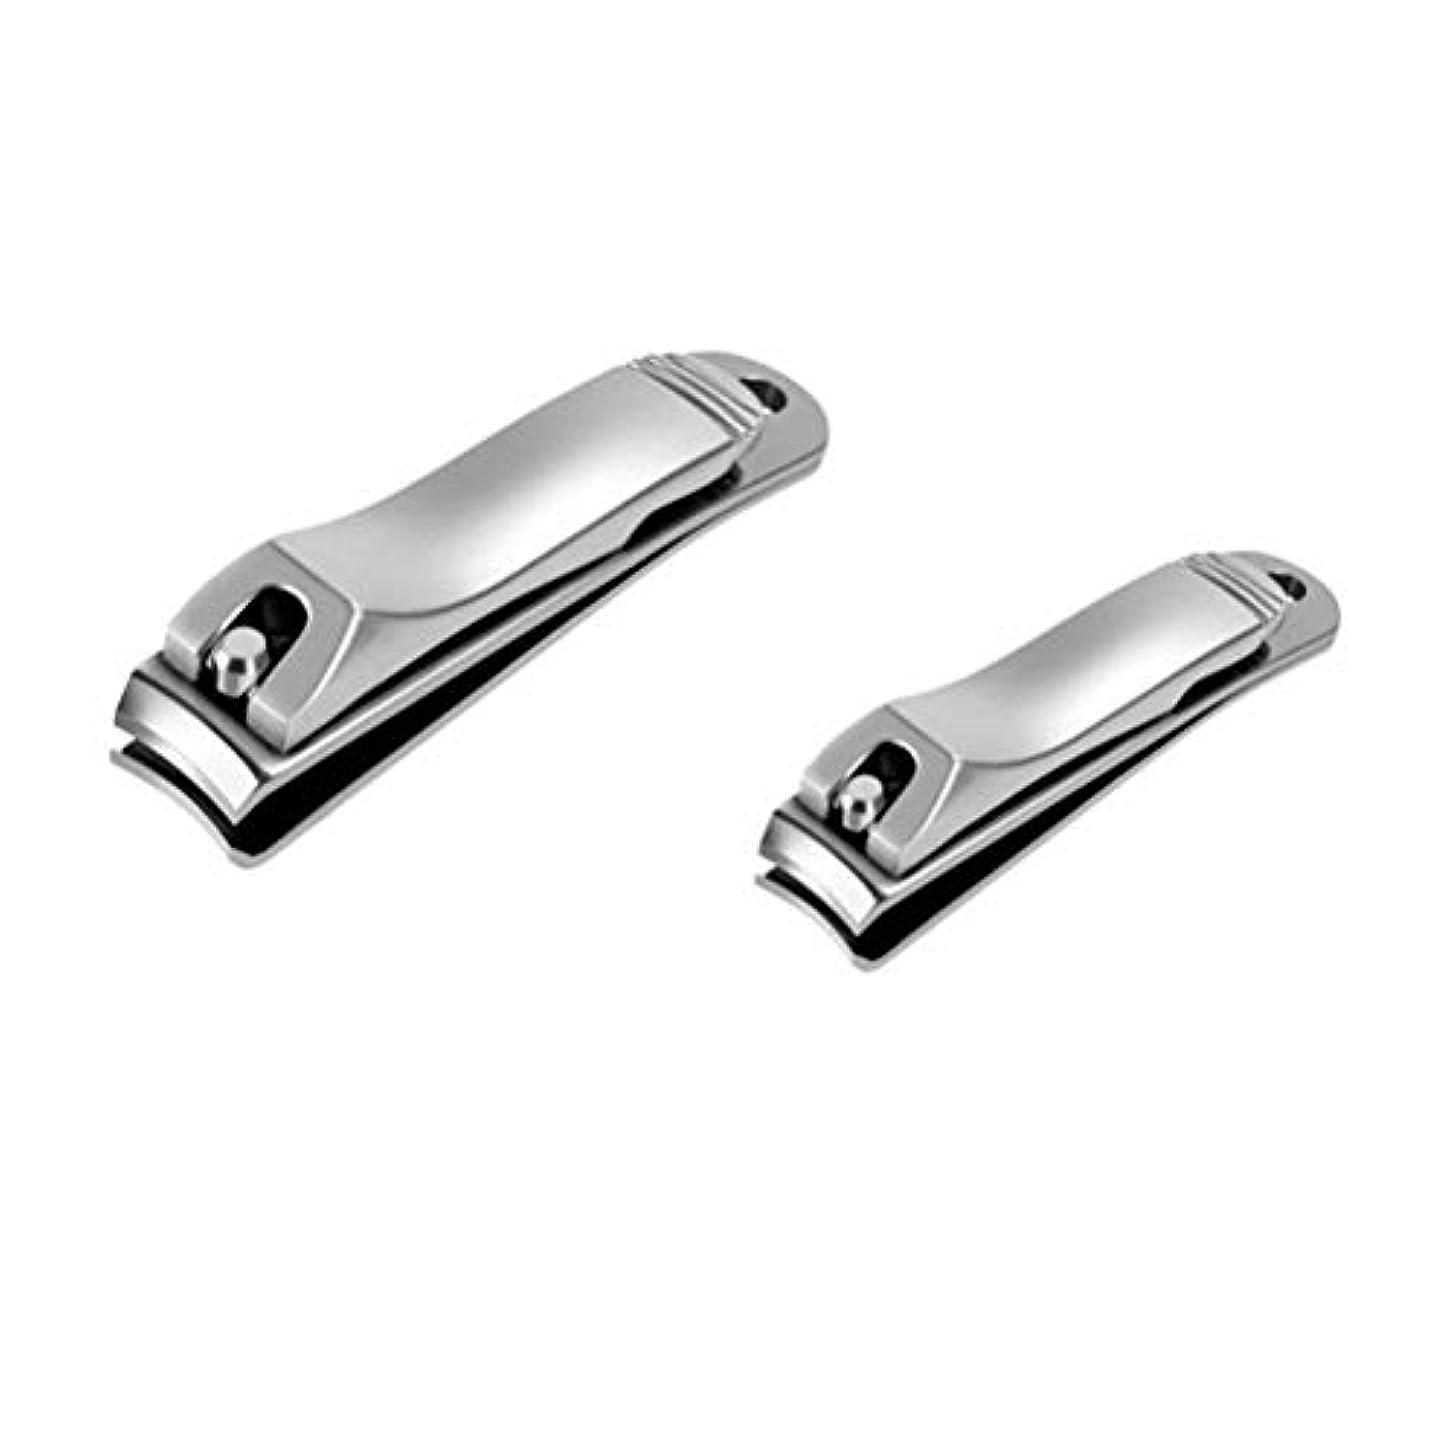 落ち込んでいる貢献する望むLurrose 2本の携帯用爪切りステンレス鋼の指の爪と足指の爪切りツールセットネイルマニキュアツール(サイズS +サイズL)